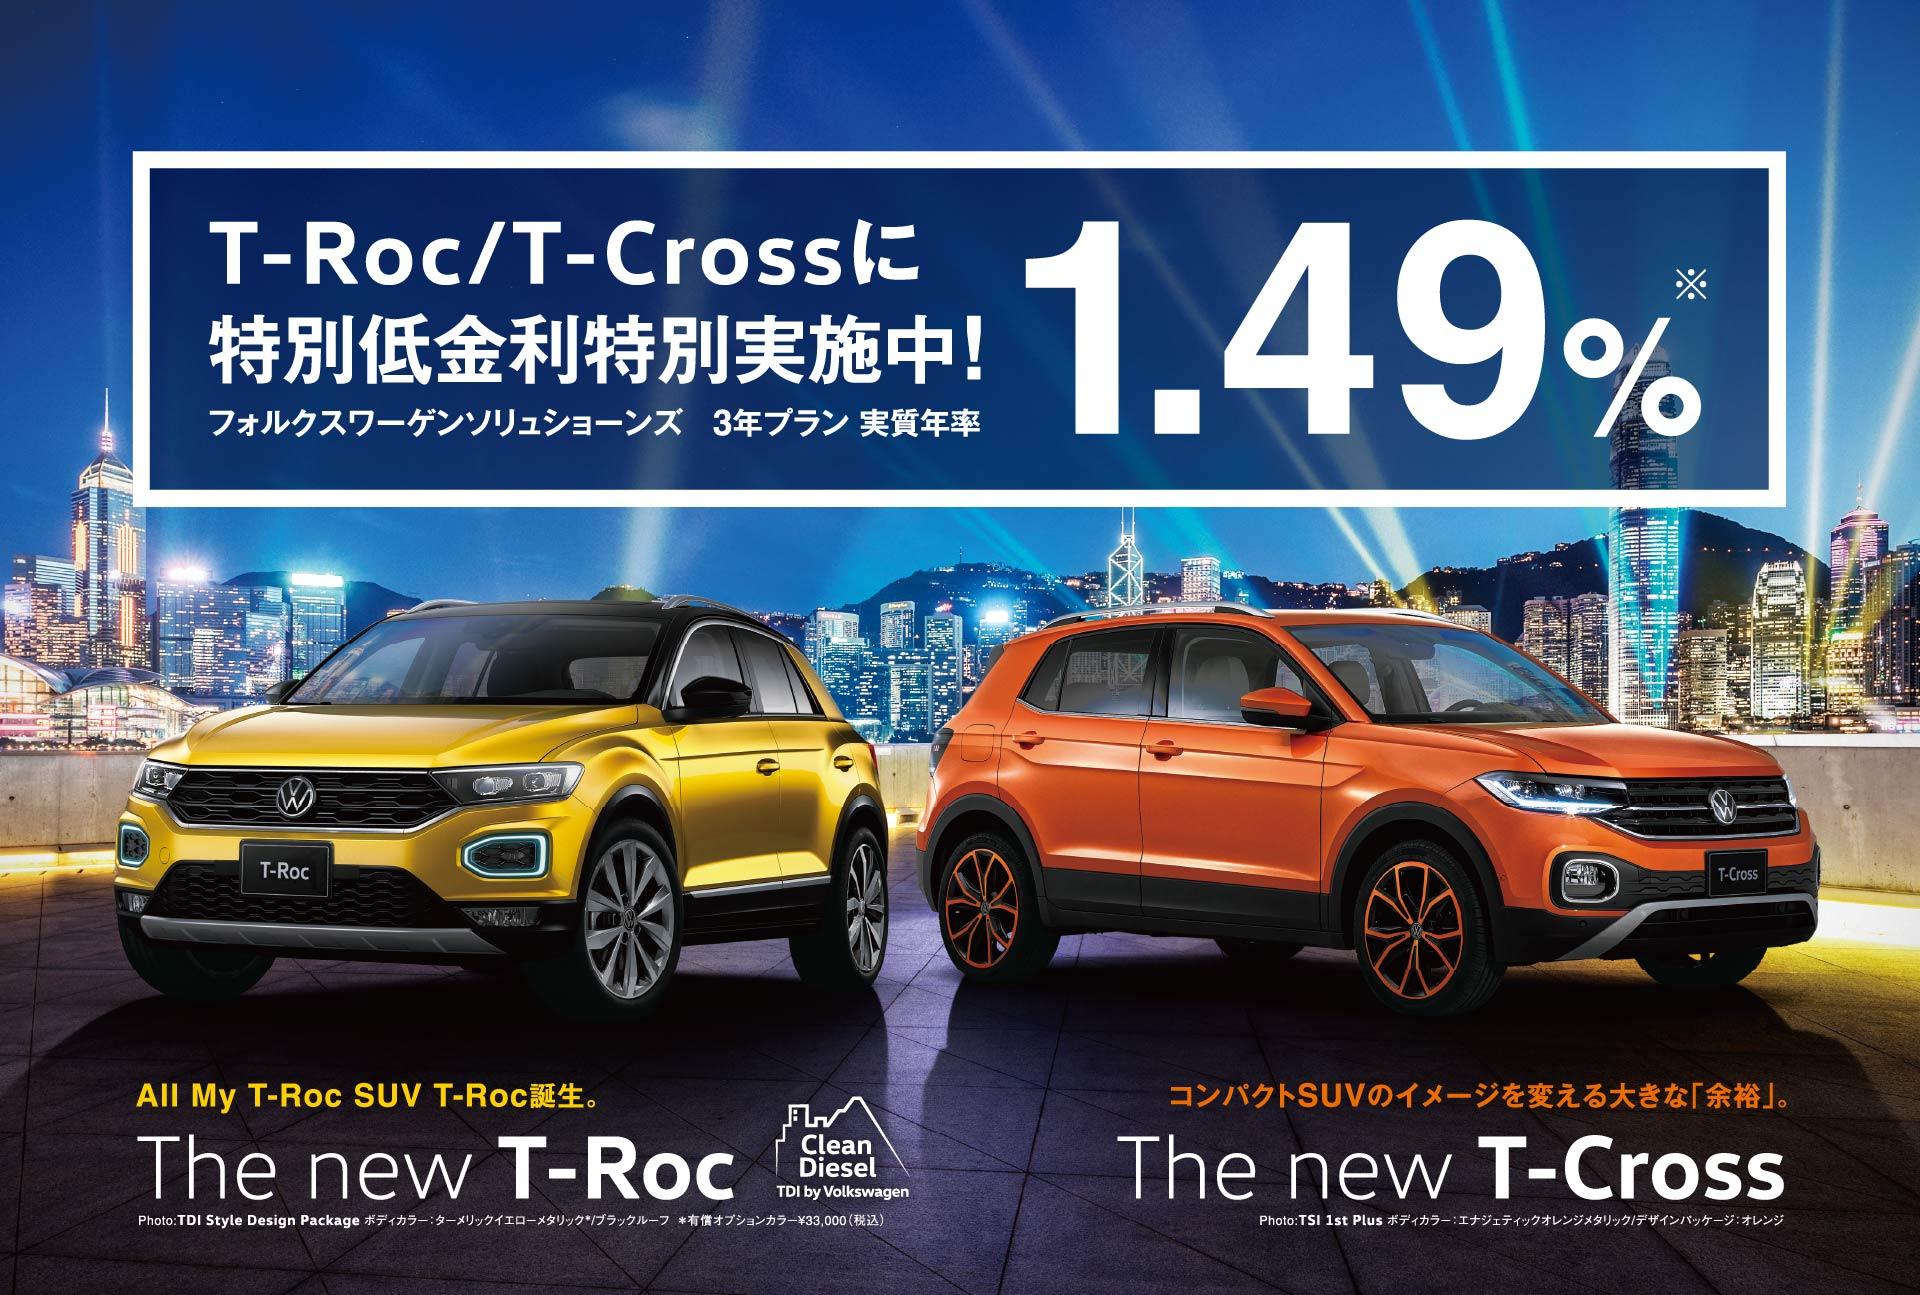 T-Roc/T-Crossに特別低金利実施中